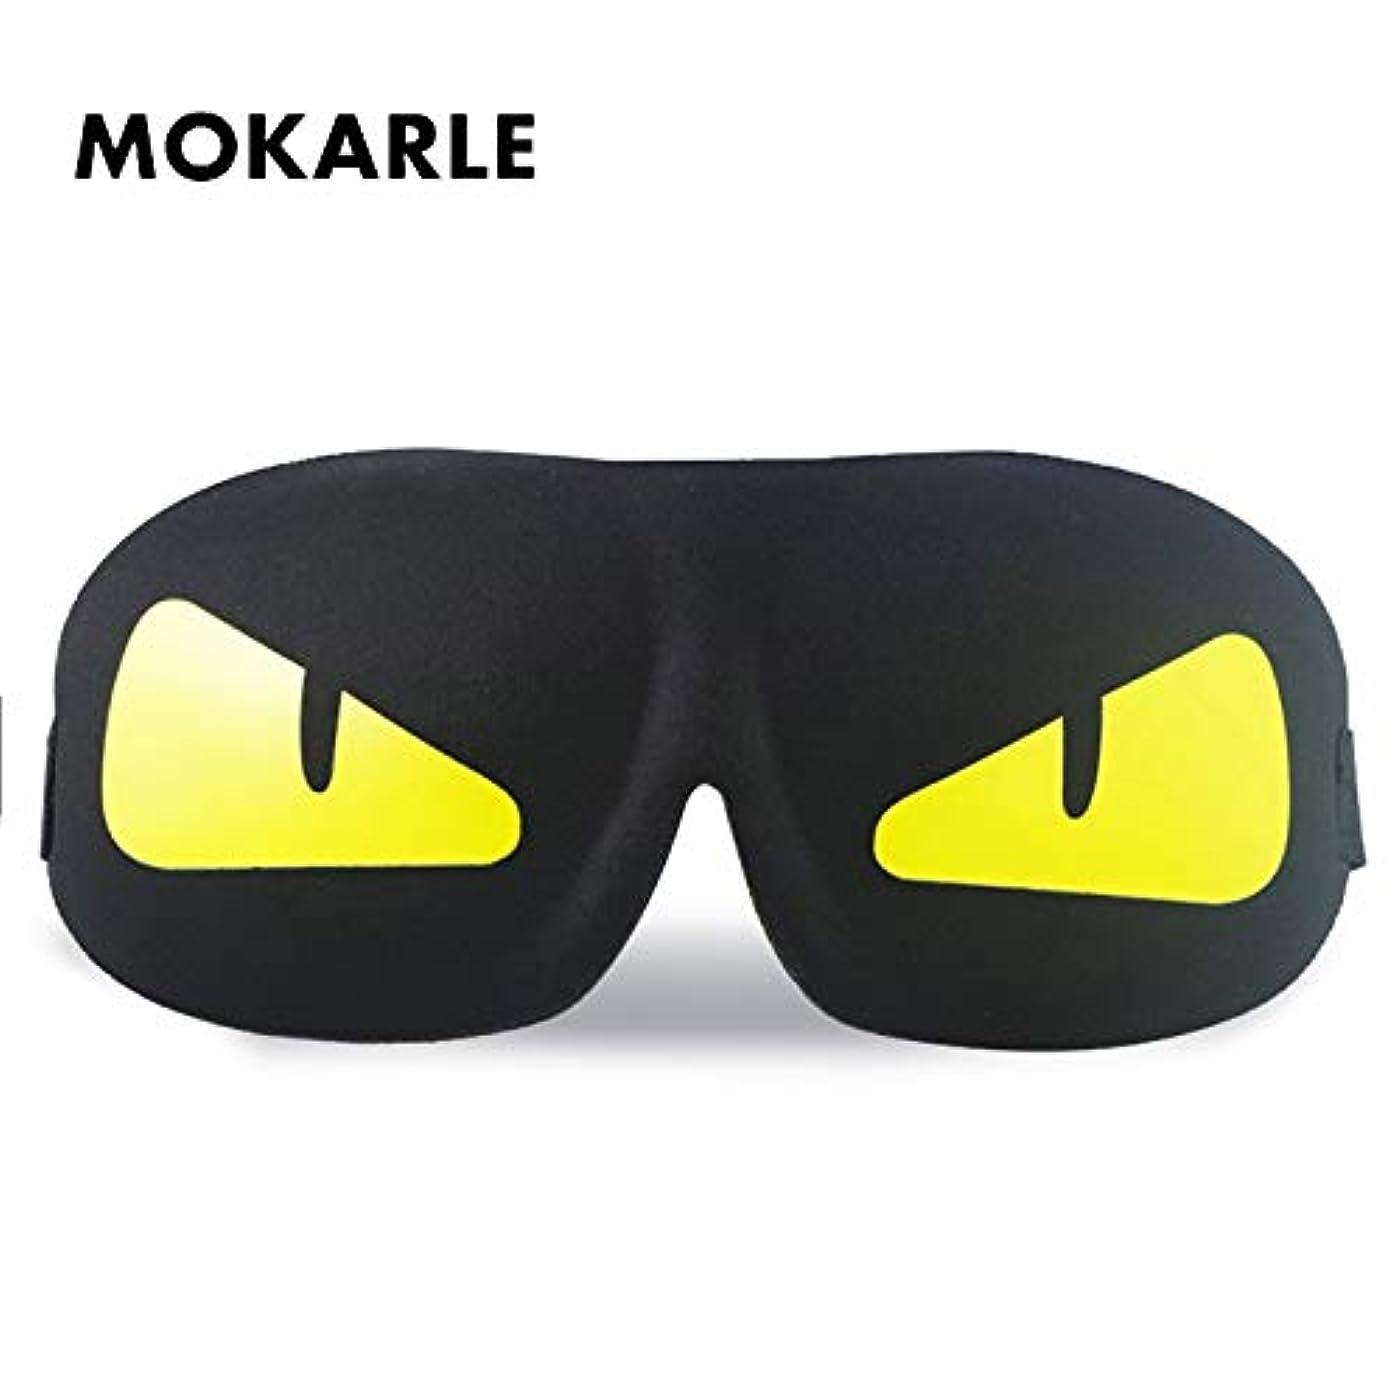 シマウマお手入れ造船NOTE 漫画アイマスク睡眠3d遮光アウト睡眠マスクかわいいパターン睡眠補助旅行残りの通気性の目隠しより良い睡眠